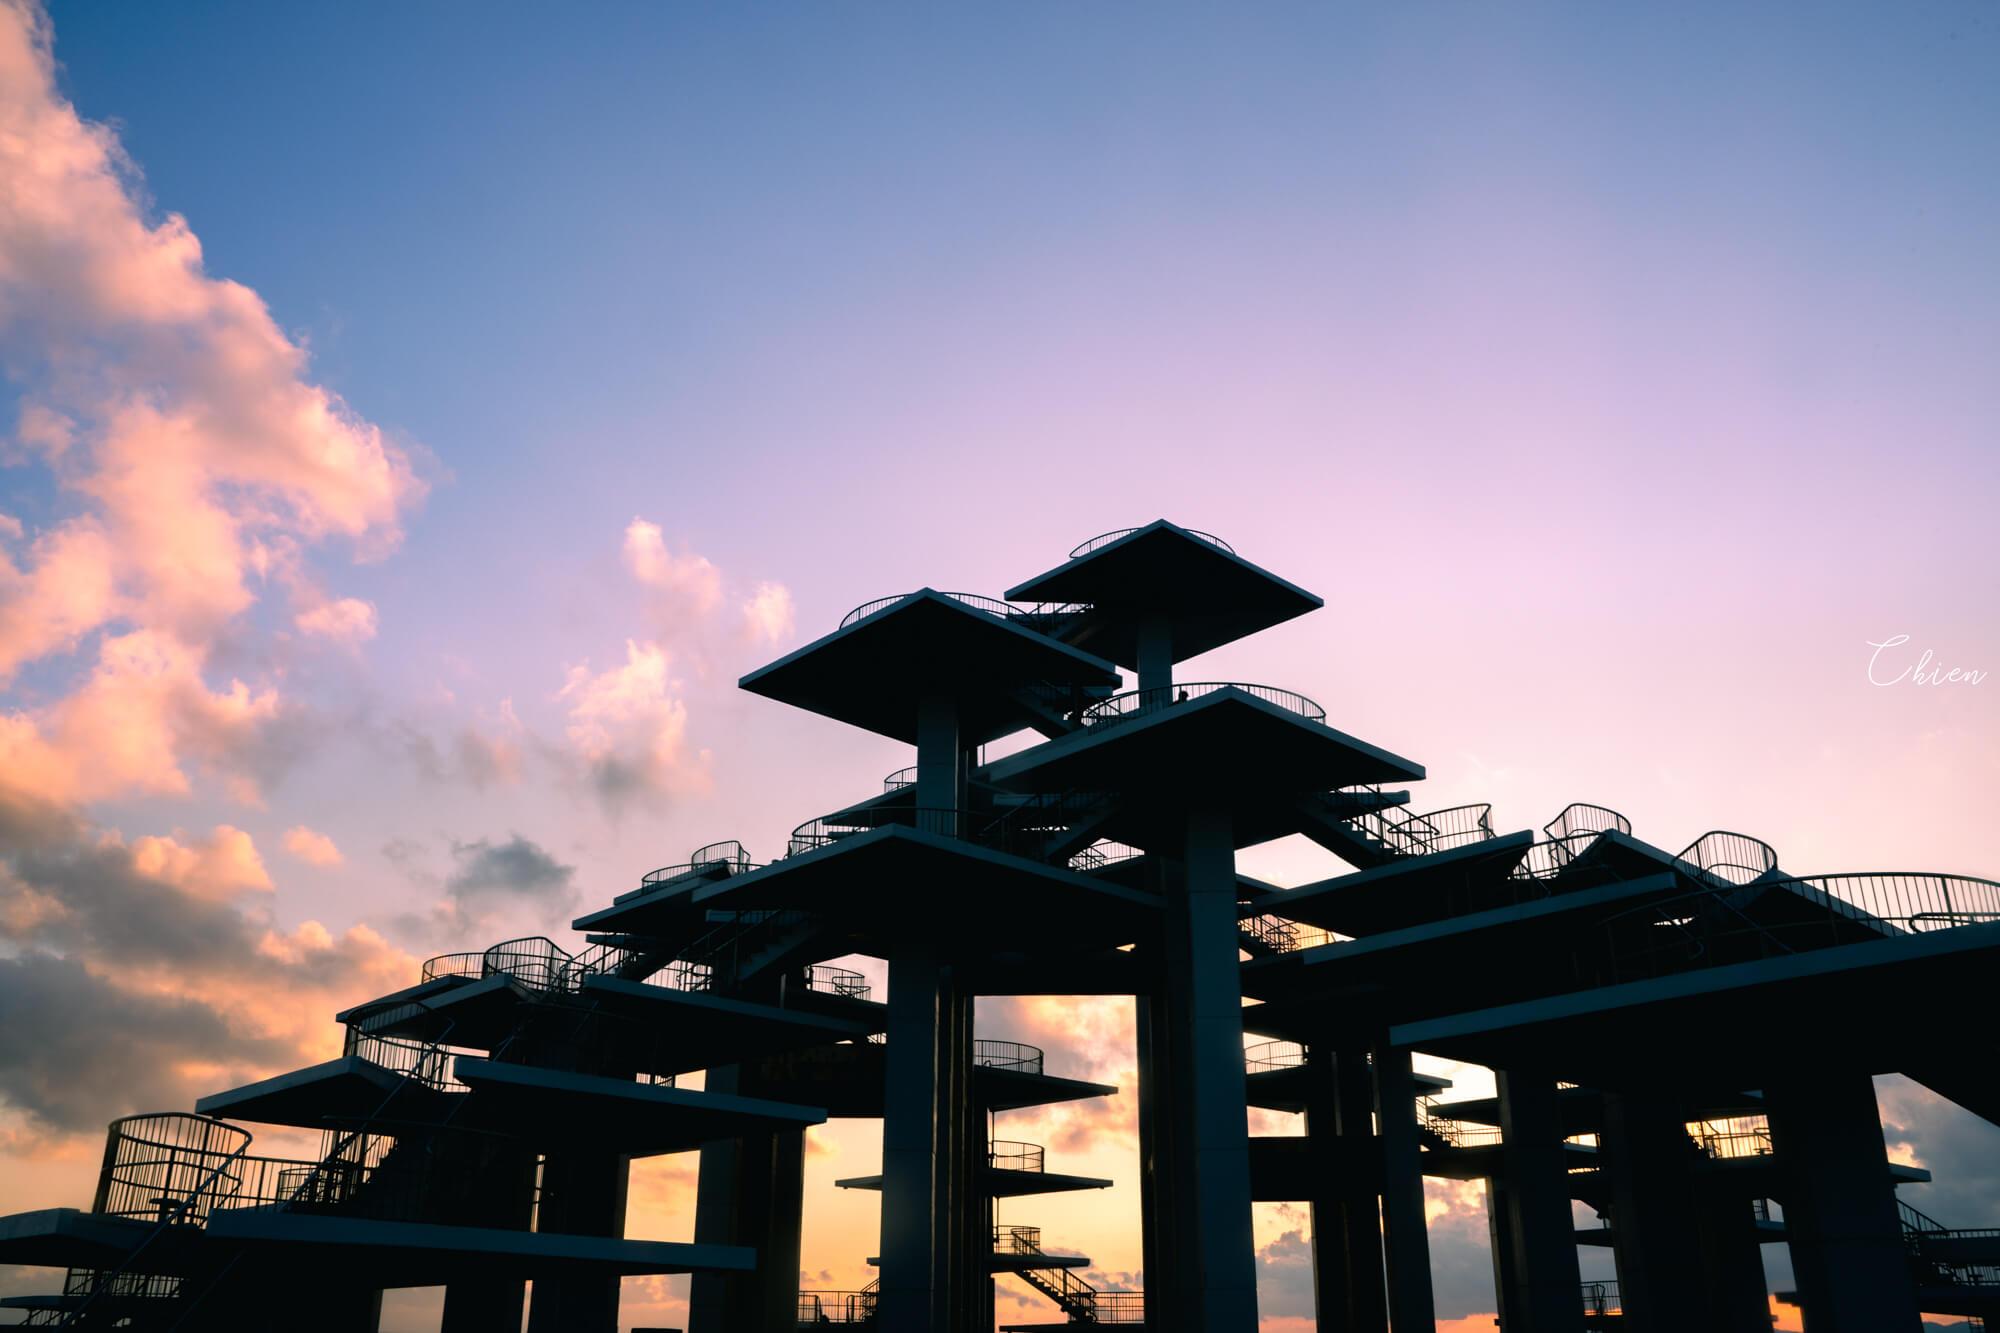 千葉富士山景點 富津公園明治百年記念展望塔